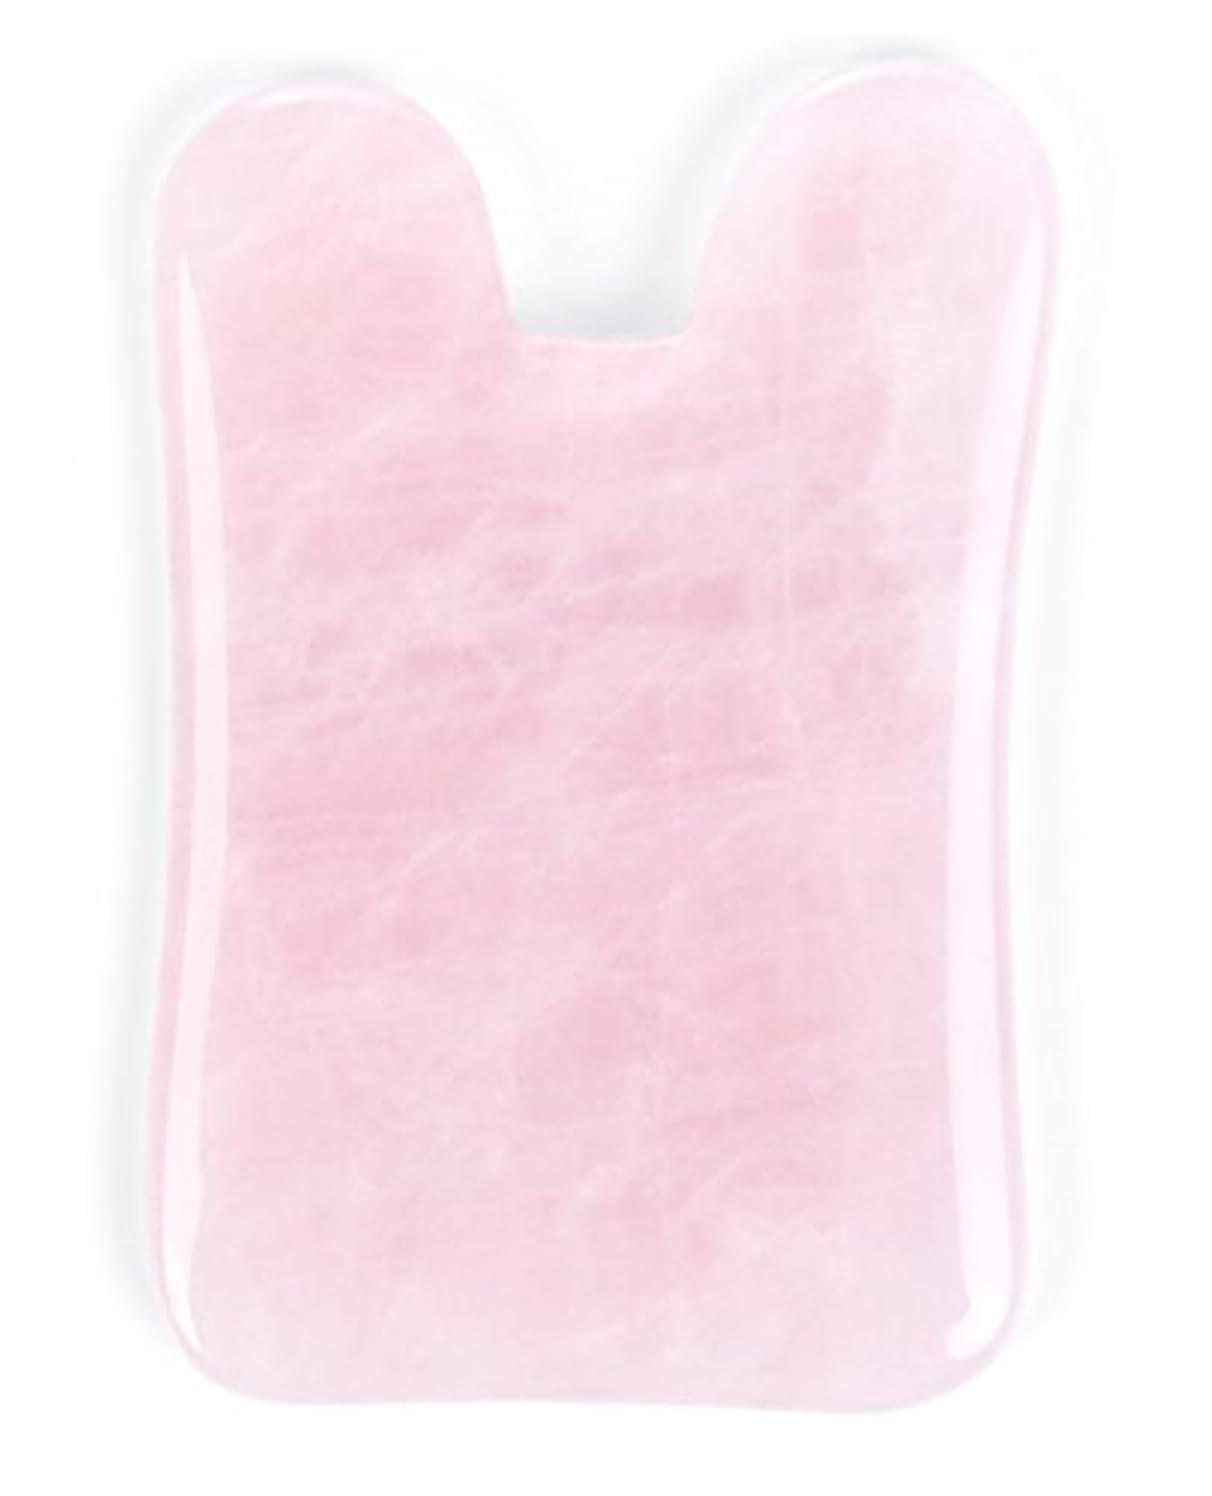 率直な深い説明的Echo & Kern ピンクローズクォーツかっさプレート マッサージプレートPink Rose Quartz Gua Sha Board-Therapeutic Relief and Skin Renewal -Premium All Natural Handmade Healing Stone Gua Sha Scraping Facial Massage Tools